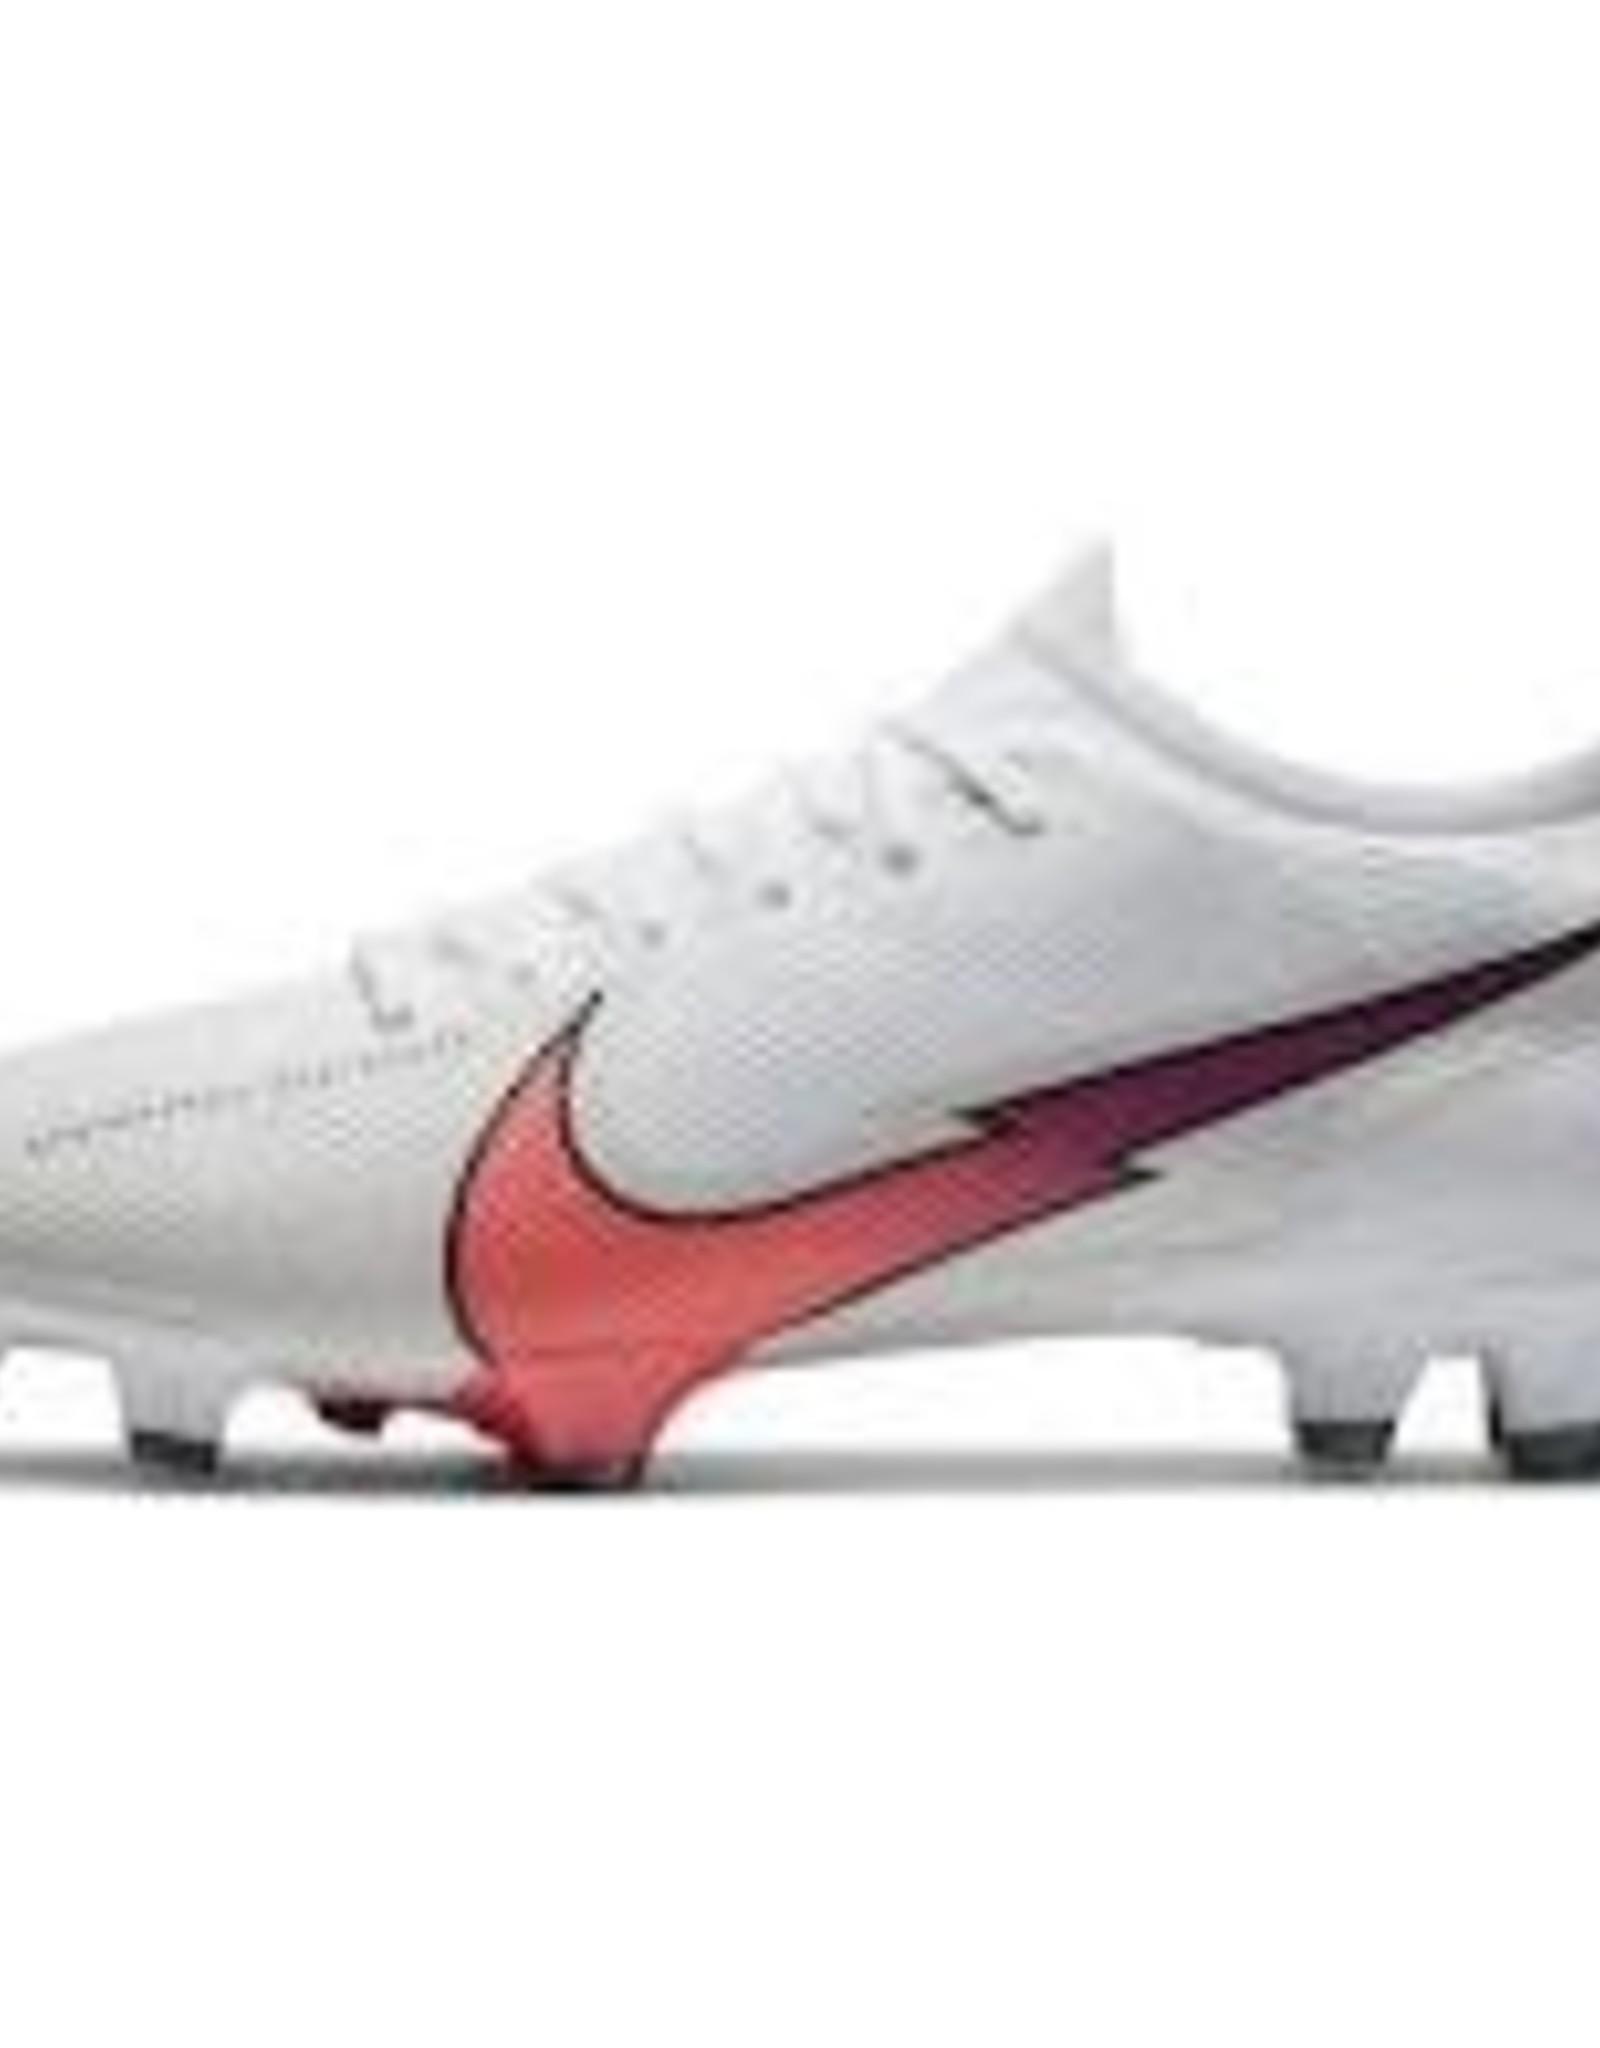 Nike FG Vapor Pro